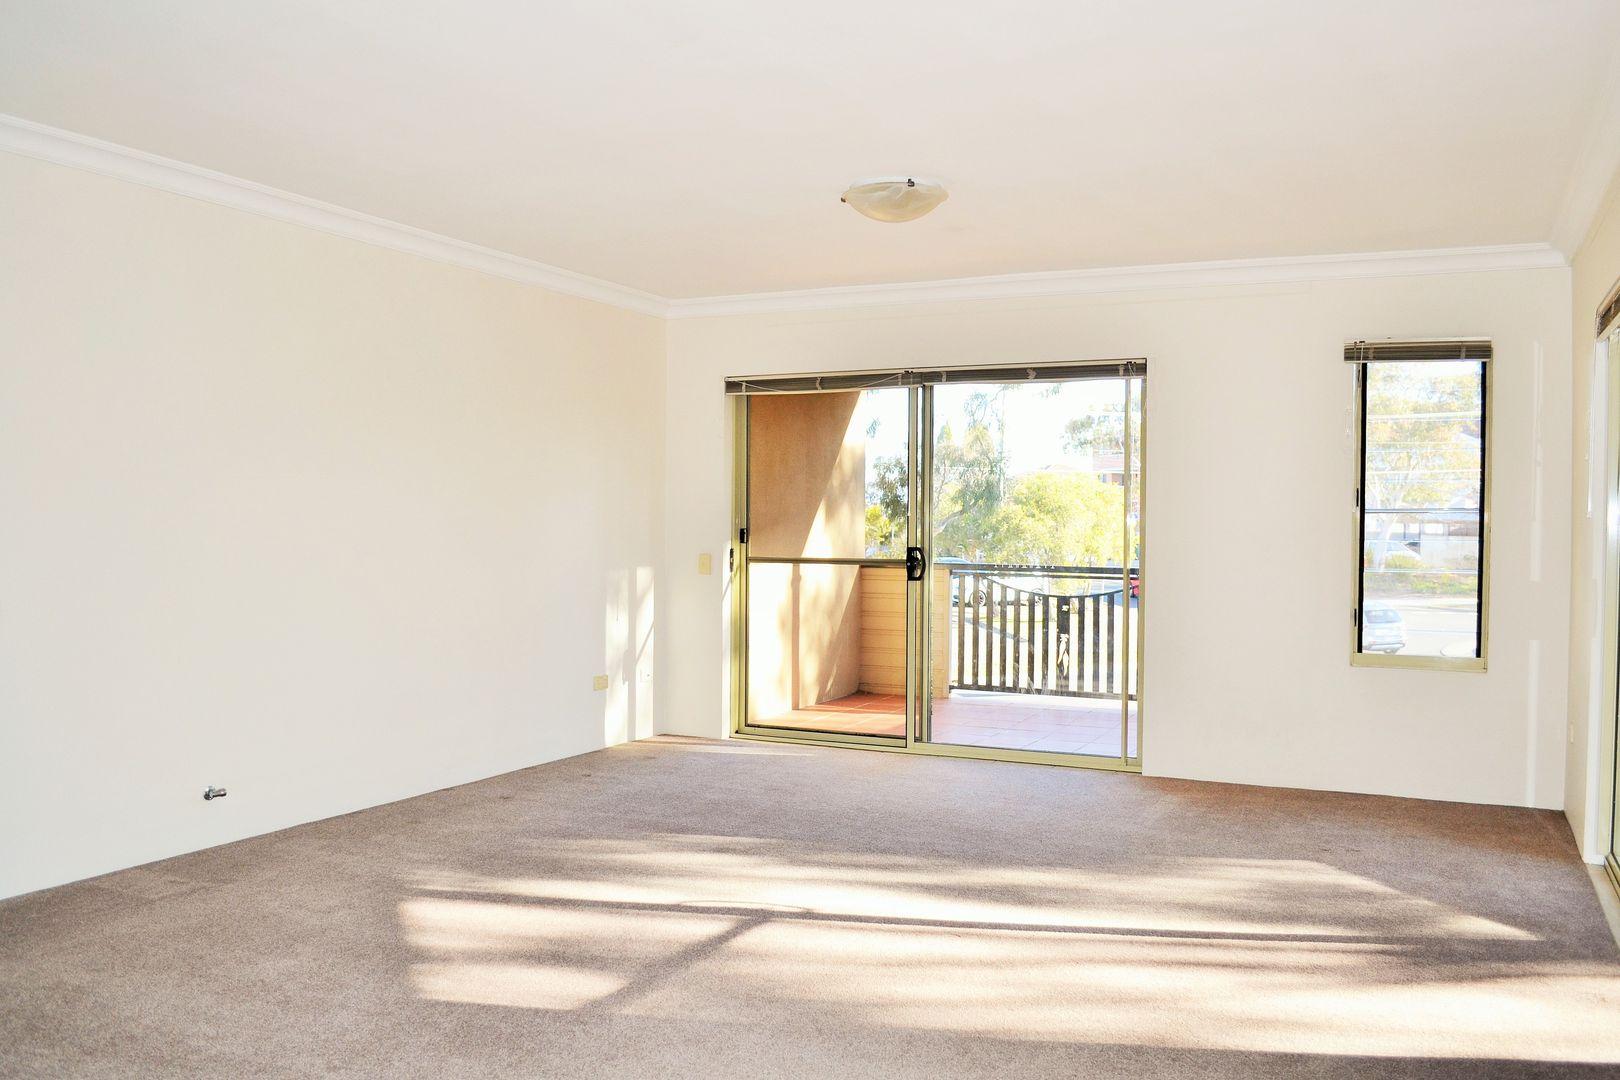 35/84-88 Glencoe Street, Sutherland NSW 2232, Image 1